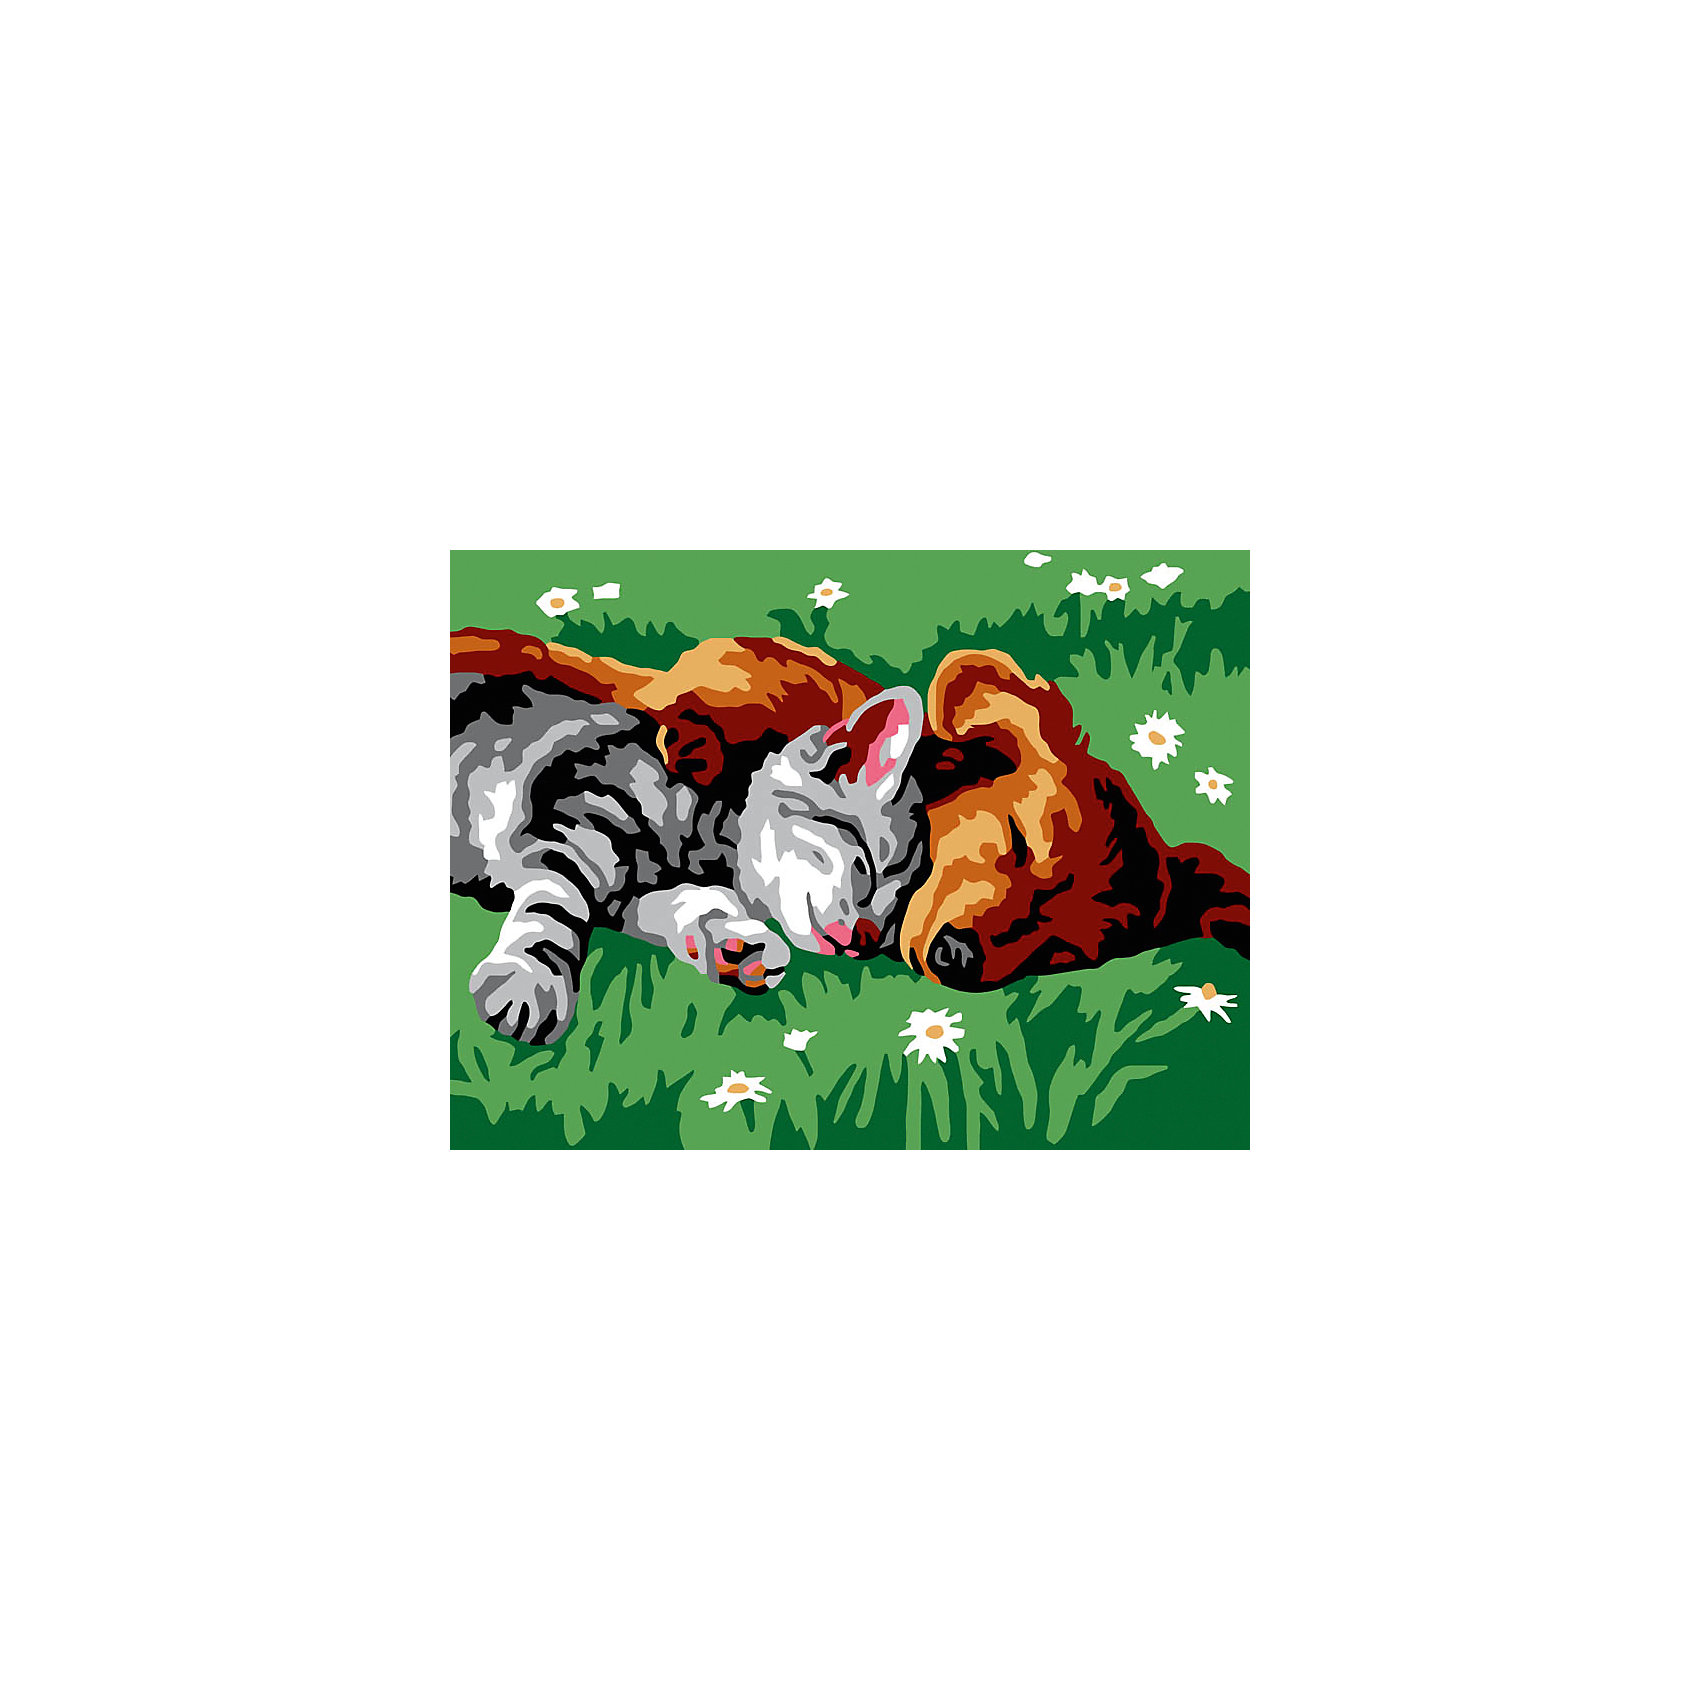 Живопись на холсте 30*40 см Котенок и щенокХарактеристики:<br><br>• Предназначение: для занятий художественным творчеством<br>• Тематика: животные<br>• Пол: универсальный<br>• Материал: дерево, бумага, краски<br>• Цвет: коричневый, оранжевый, белый, серый, черный, зеленый и др.<br>• Комплектация: холст на подрамнике, набор акриловых красок, 2 кисти, пробный лист с нанесенным рисунком, крепление для готовой картины, инструкция<br>• Размеры (Ш*Д): 30*40 см<br>• Вес: 480 г <br>• Упаковка: картонная коробка<br><br>Живопись на холсте 30*40 см Котенок и щенок – это набор от торговой марки Белоснежка, специализирующейся на товарах для творчества и рукоделия. Комплект для живописи состоит из черно-белого холста на подрамнике из дерева, набора необходимых акриловых красок, двух кистей разного размера и пробного листа. На холст и пробный лист нанесен рисунок с указанием номера соответствующей цвету краски. Акриловые краски хорошо ложатся на холст, не растекаются и не смешиваются, что делает их идеальными для начинающих художников. Все материалы, используемые в наборе, экологичные и натуральные. Готовые наборы научат вашего ребенка сочетать цвета и оттенки, действовать по заданному образцу, будут способствовать развитию внимательности, усидчивости и зрительному восприятию. <br>Занятия художественным творчеством являются не только средством творческого и эстетического развития, но также воспитания и коррекции эмоциональных комплексов у детей. <br><br>С наборами живописи на холсте от Белоснежки можно создать свою галерею картин или подготовить подарок родным и близким к празднованию торжества.<br><br>Живопись на холсте 30*40 см Котенок и щенок можно купить в нашем интернет-магазине.<br><br>Ширина мм: 410<br>Глубина мм: 310<br>Высота мм: 25<br>Вес г: 567<br>Возраст от месяцев: 72<br>Возраст до месяцев: 144<br>Пол: Унисекс<br>Возраст: Детский<br>SKU: 5089679